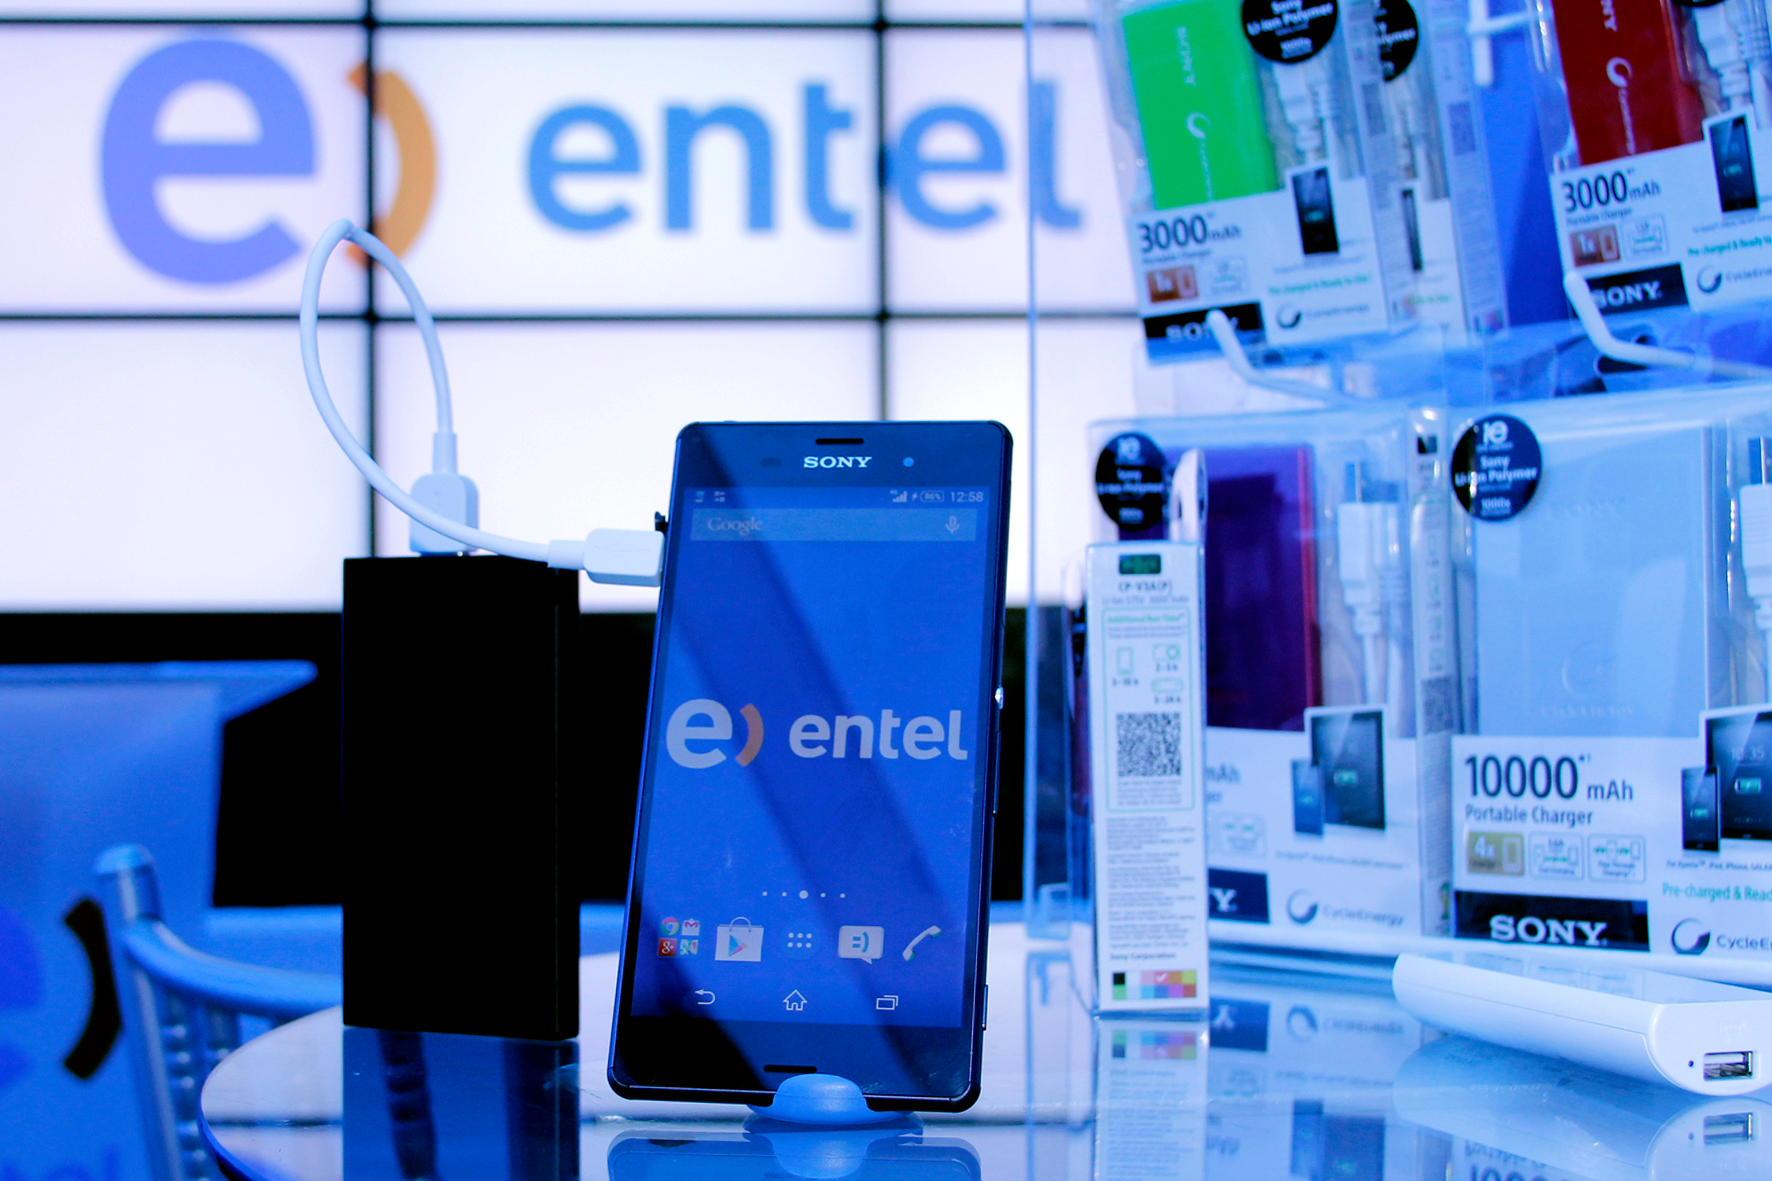 Sony y Entel presentan el smartphone Xperia™ Z3